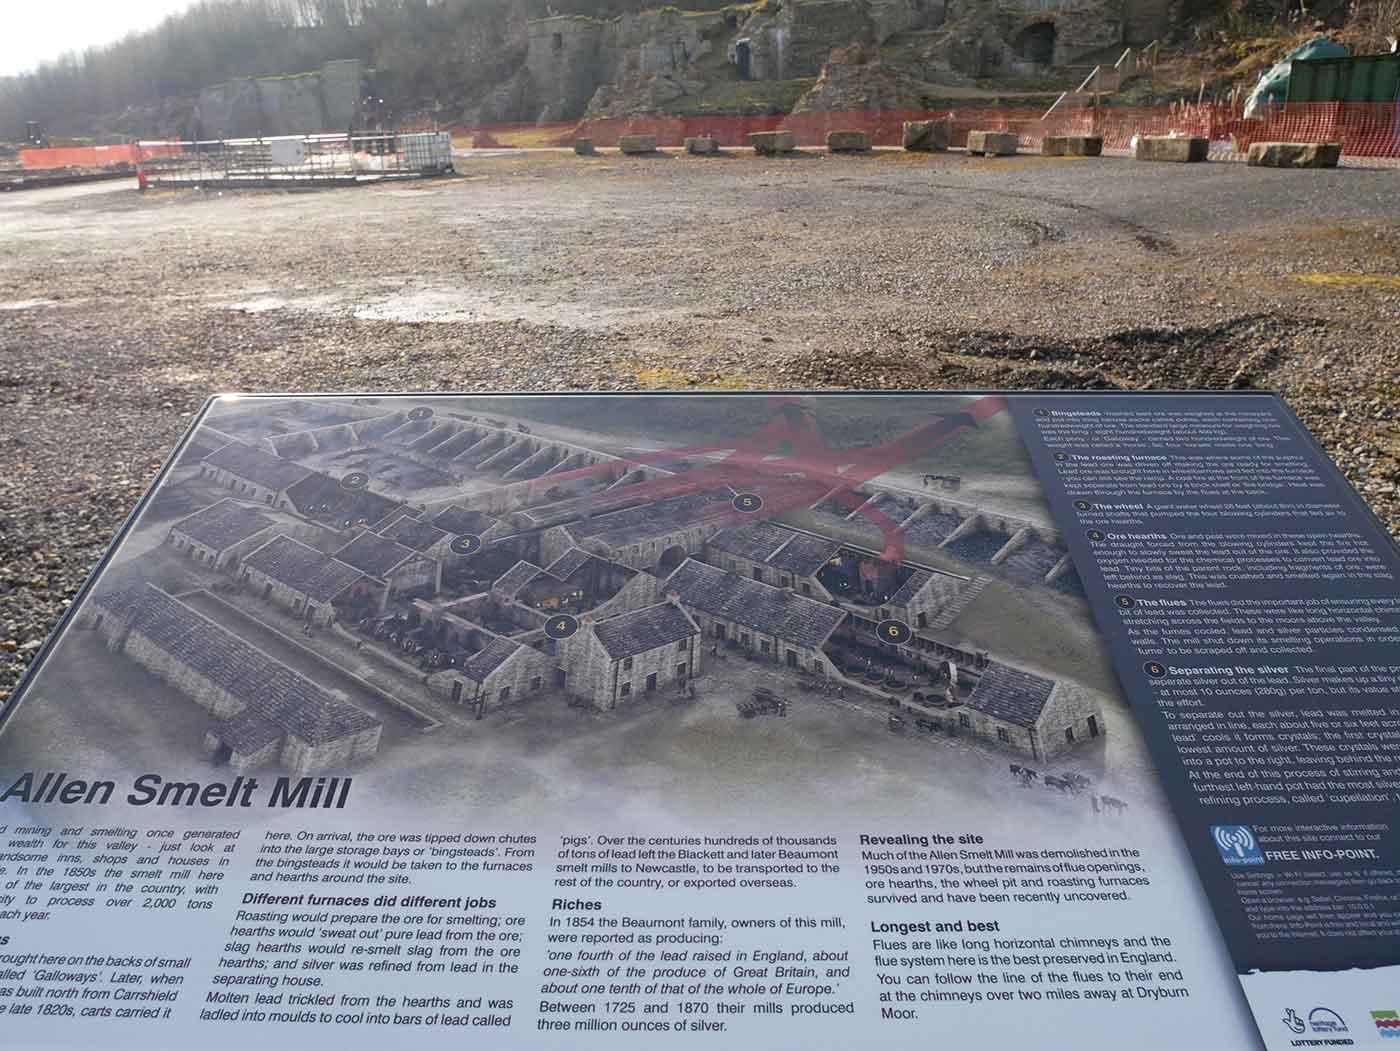 Allendale-smelt-mill-panel-8.jpg